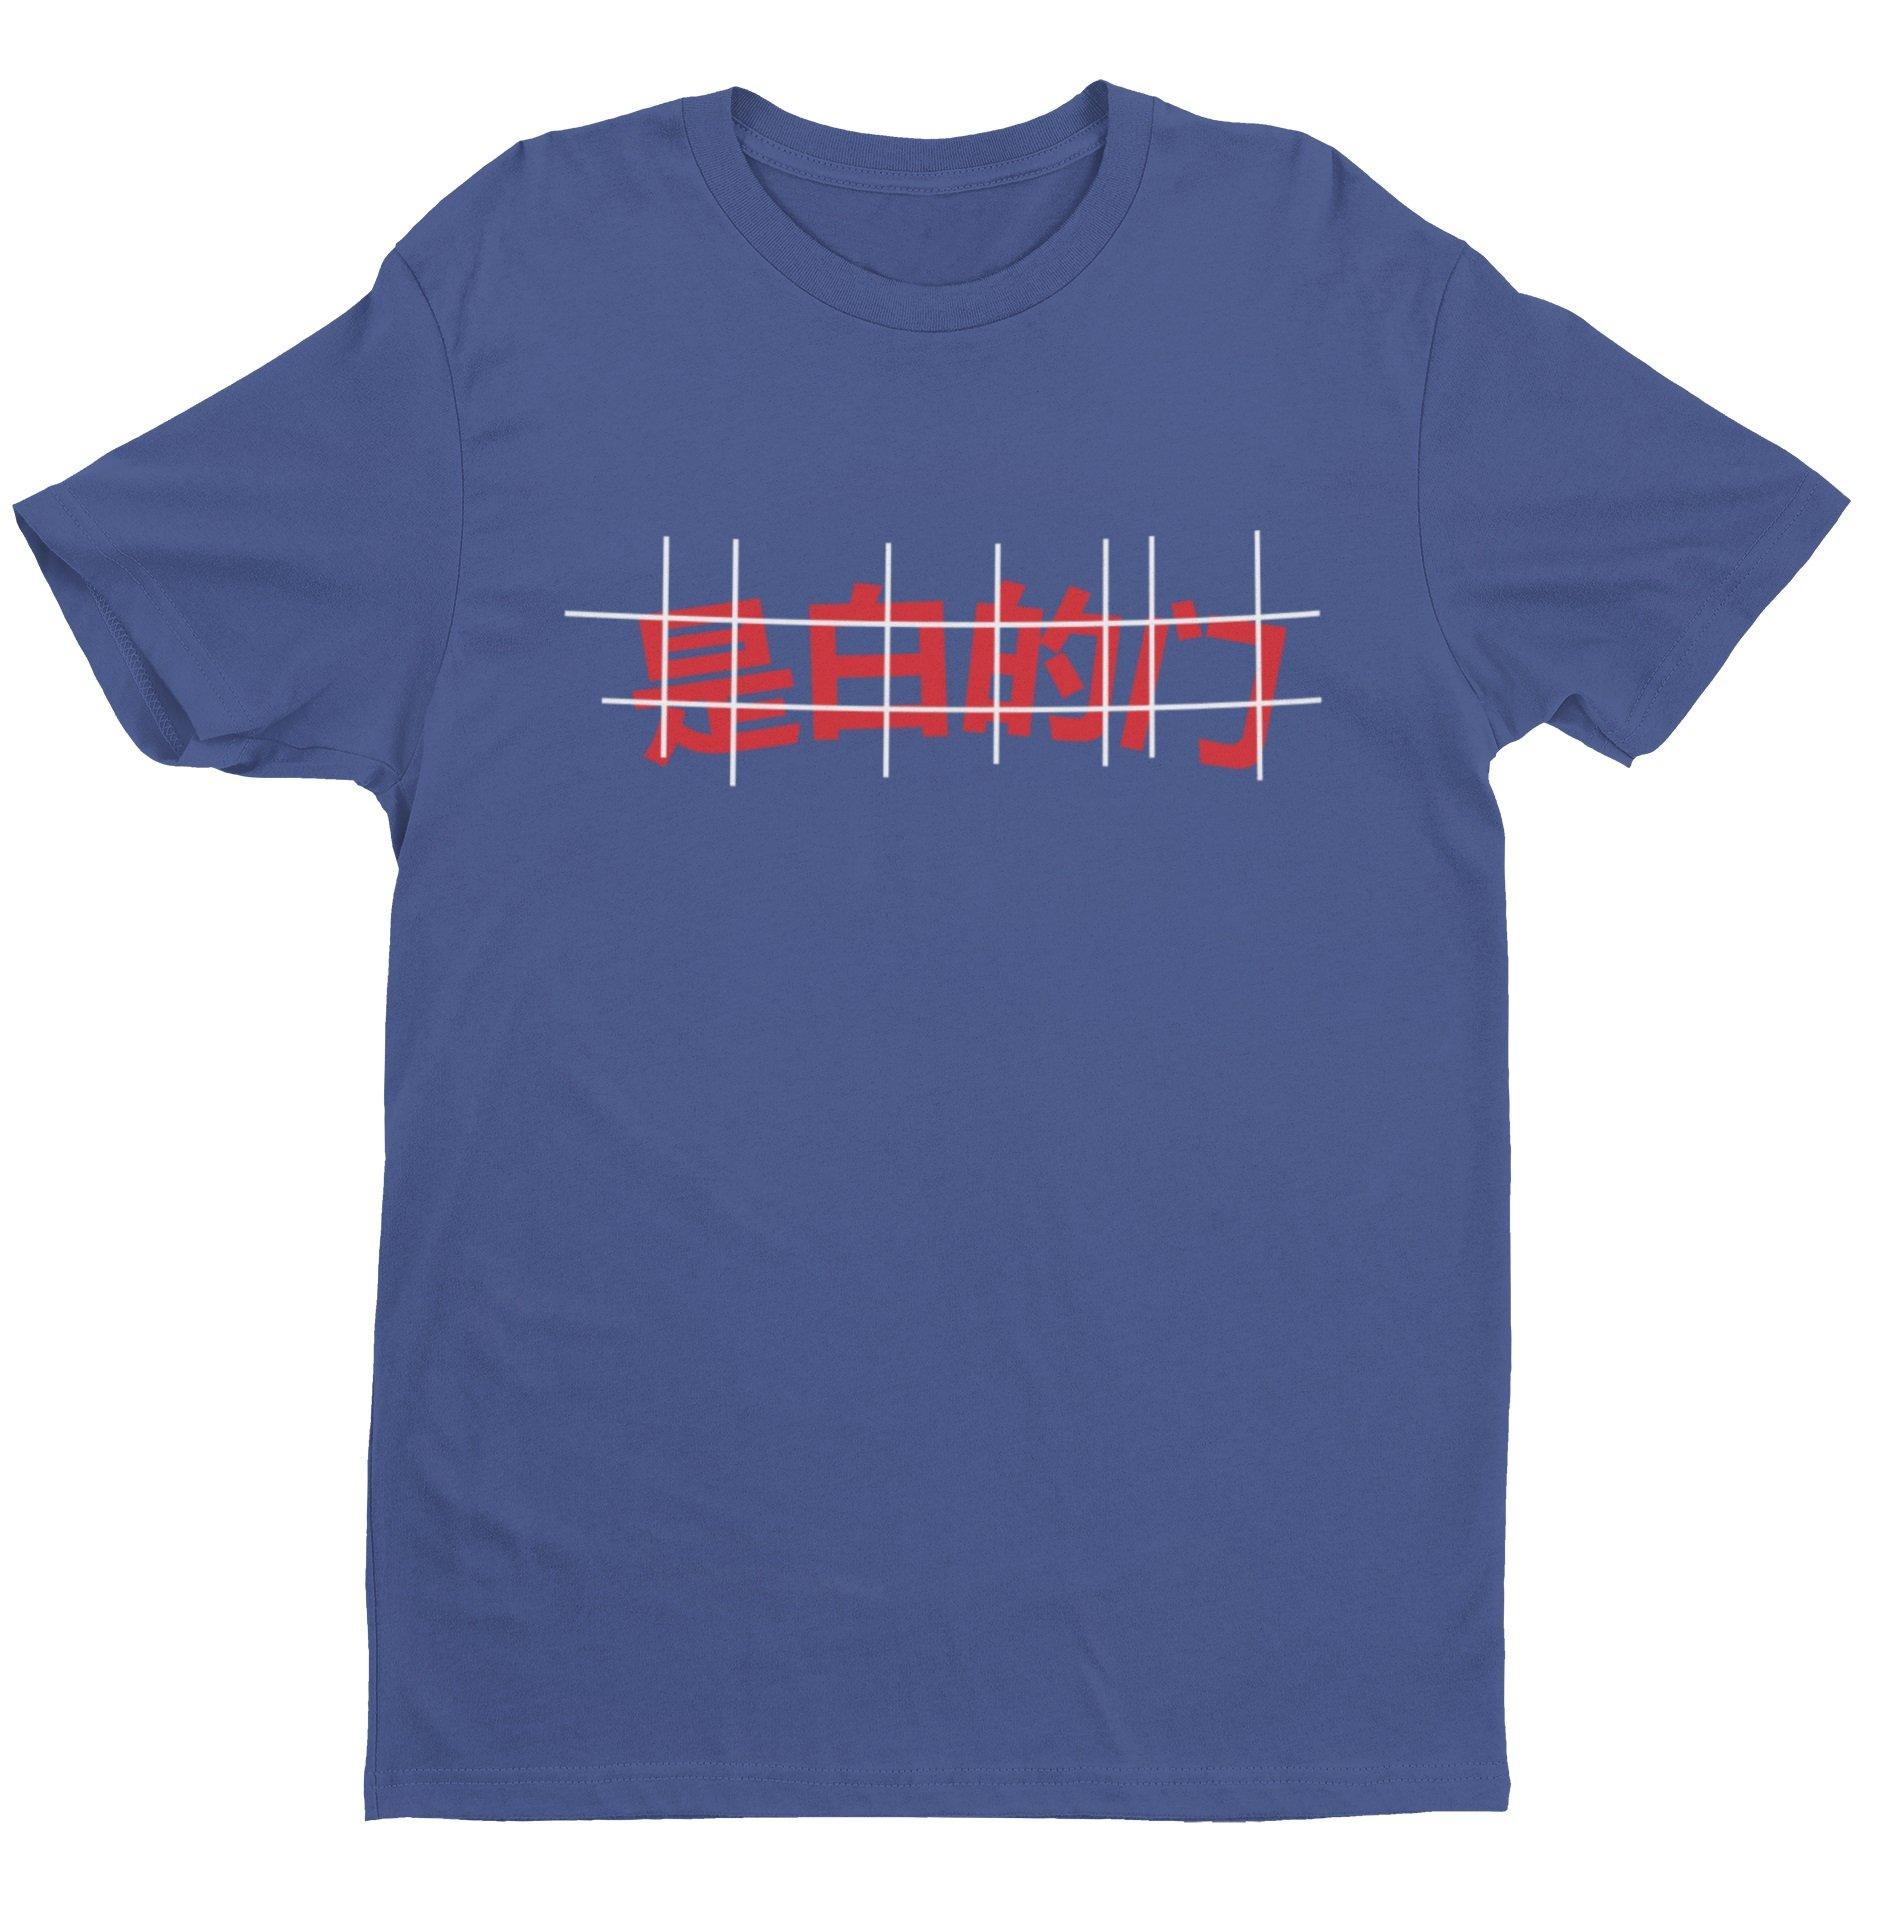 Spiderman is a White Door Kids Crew Neck S-Sleeve T-shirt